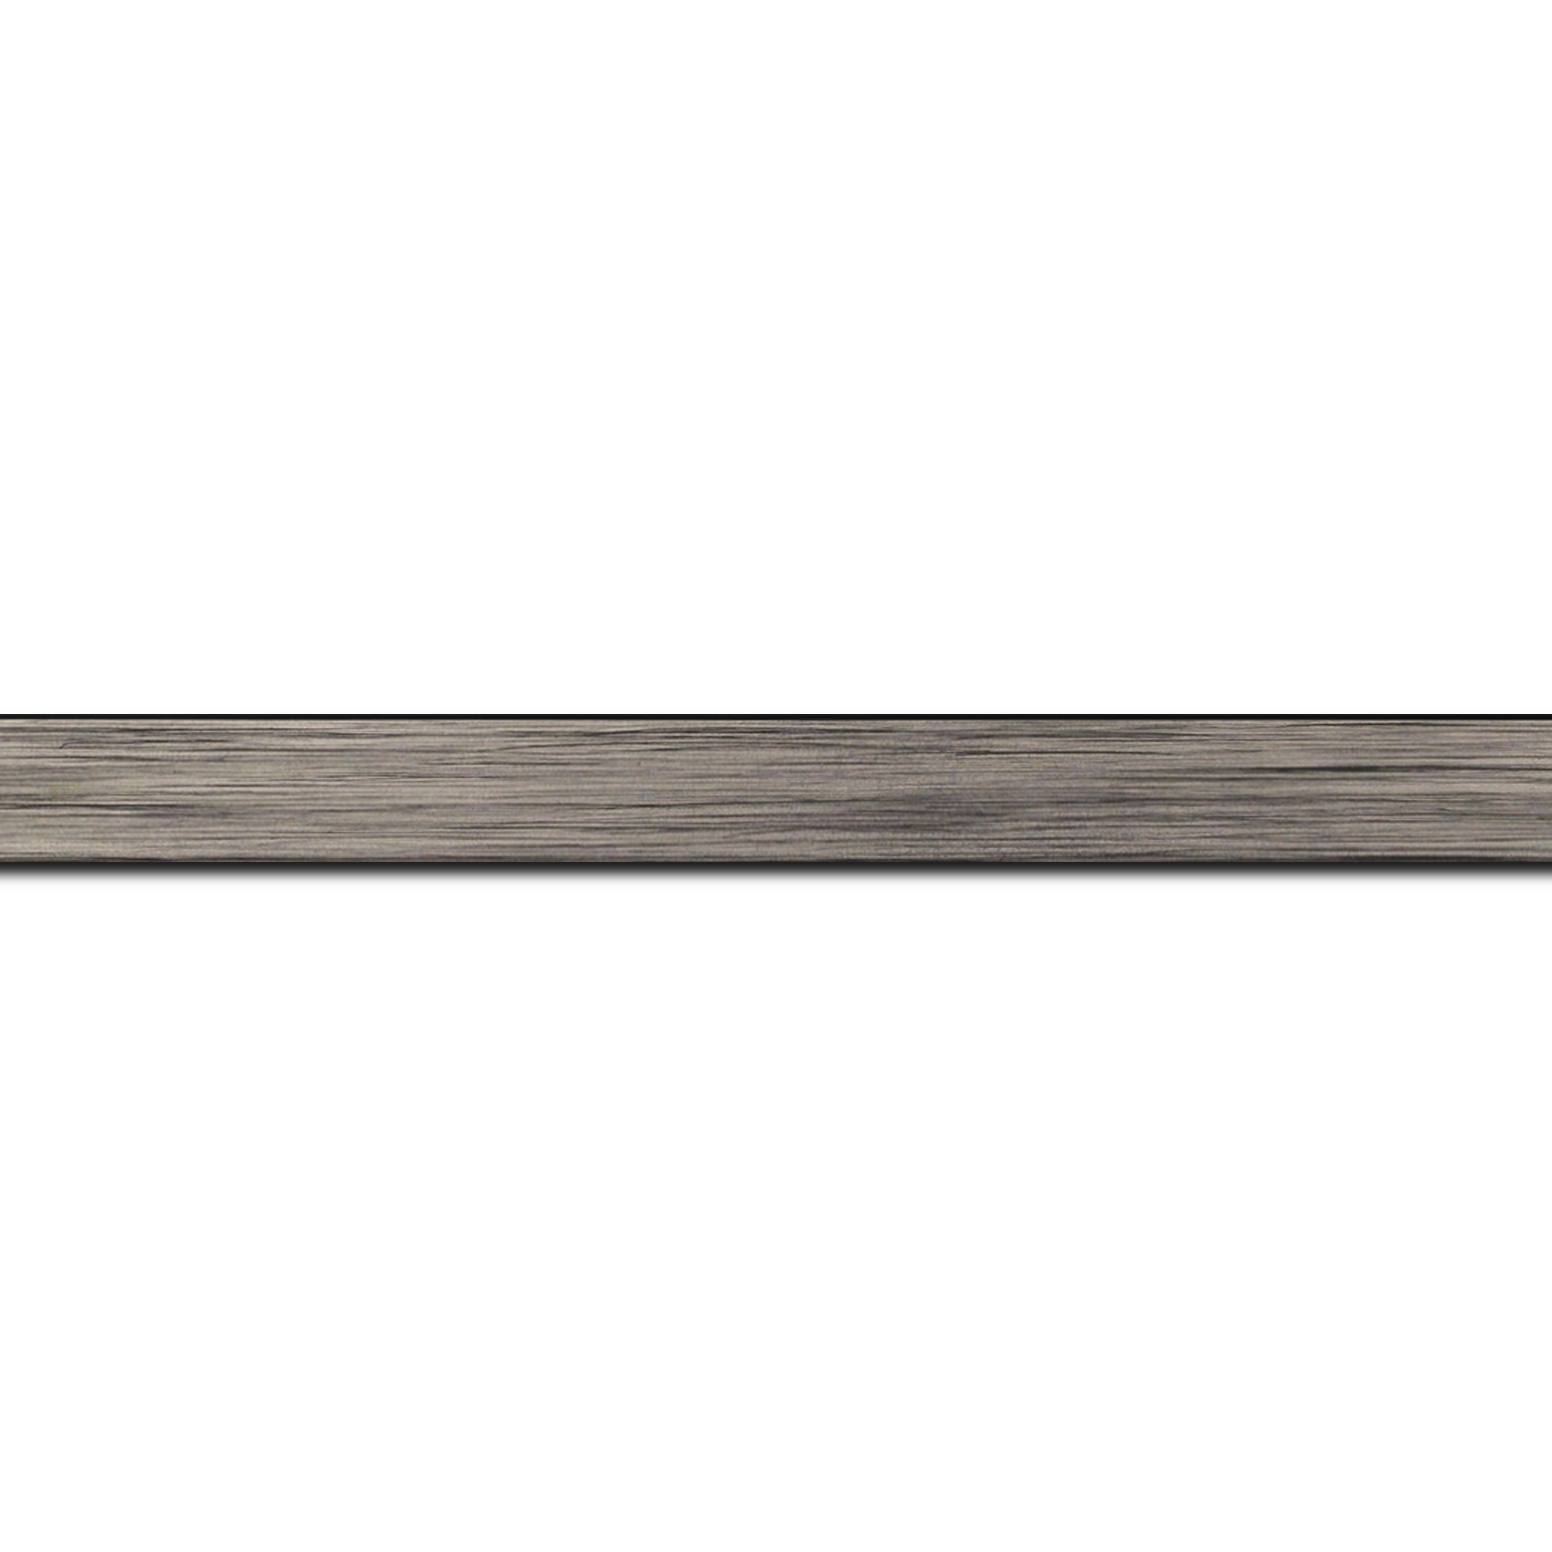 Pack par 12m, bois profil plat largeur 1.5cm couleur plomb(longueur baguette pouvant varier entre 2.40m et 3m selon arrivage des bois)